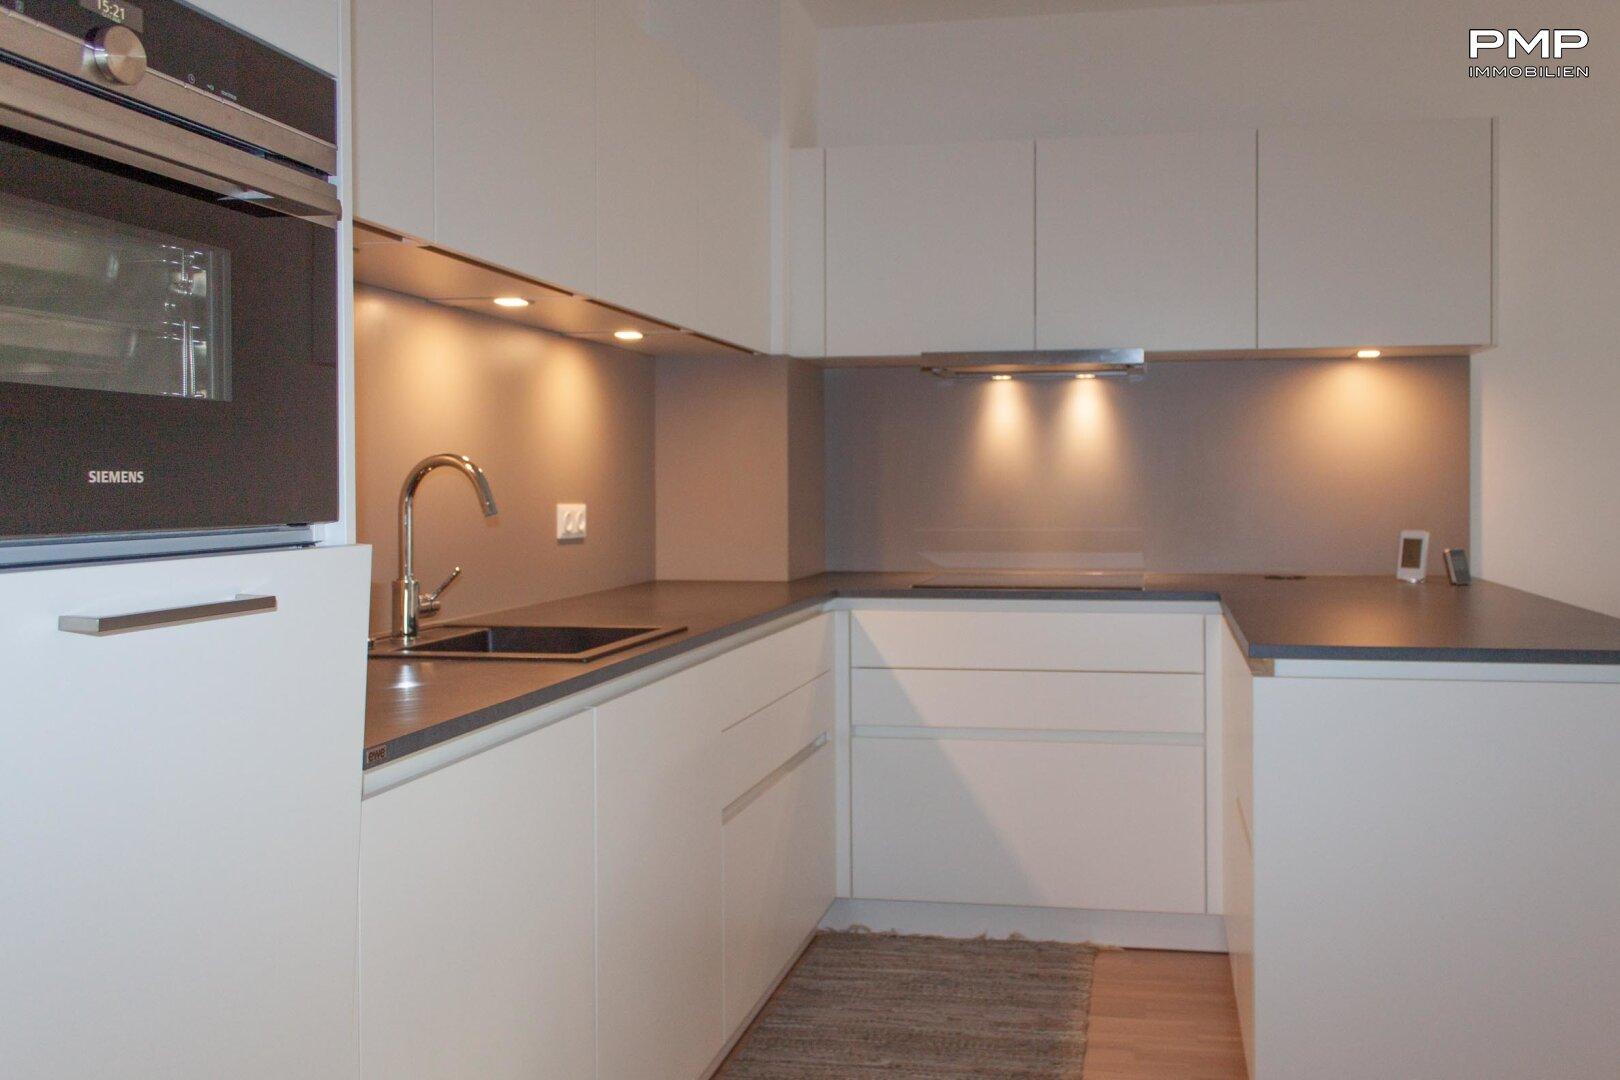 moderne Einbauküche mit hochwertigen Geräten